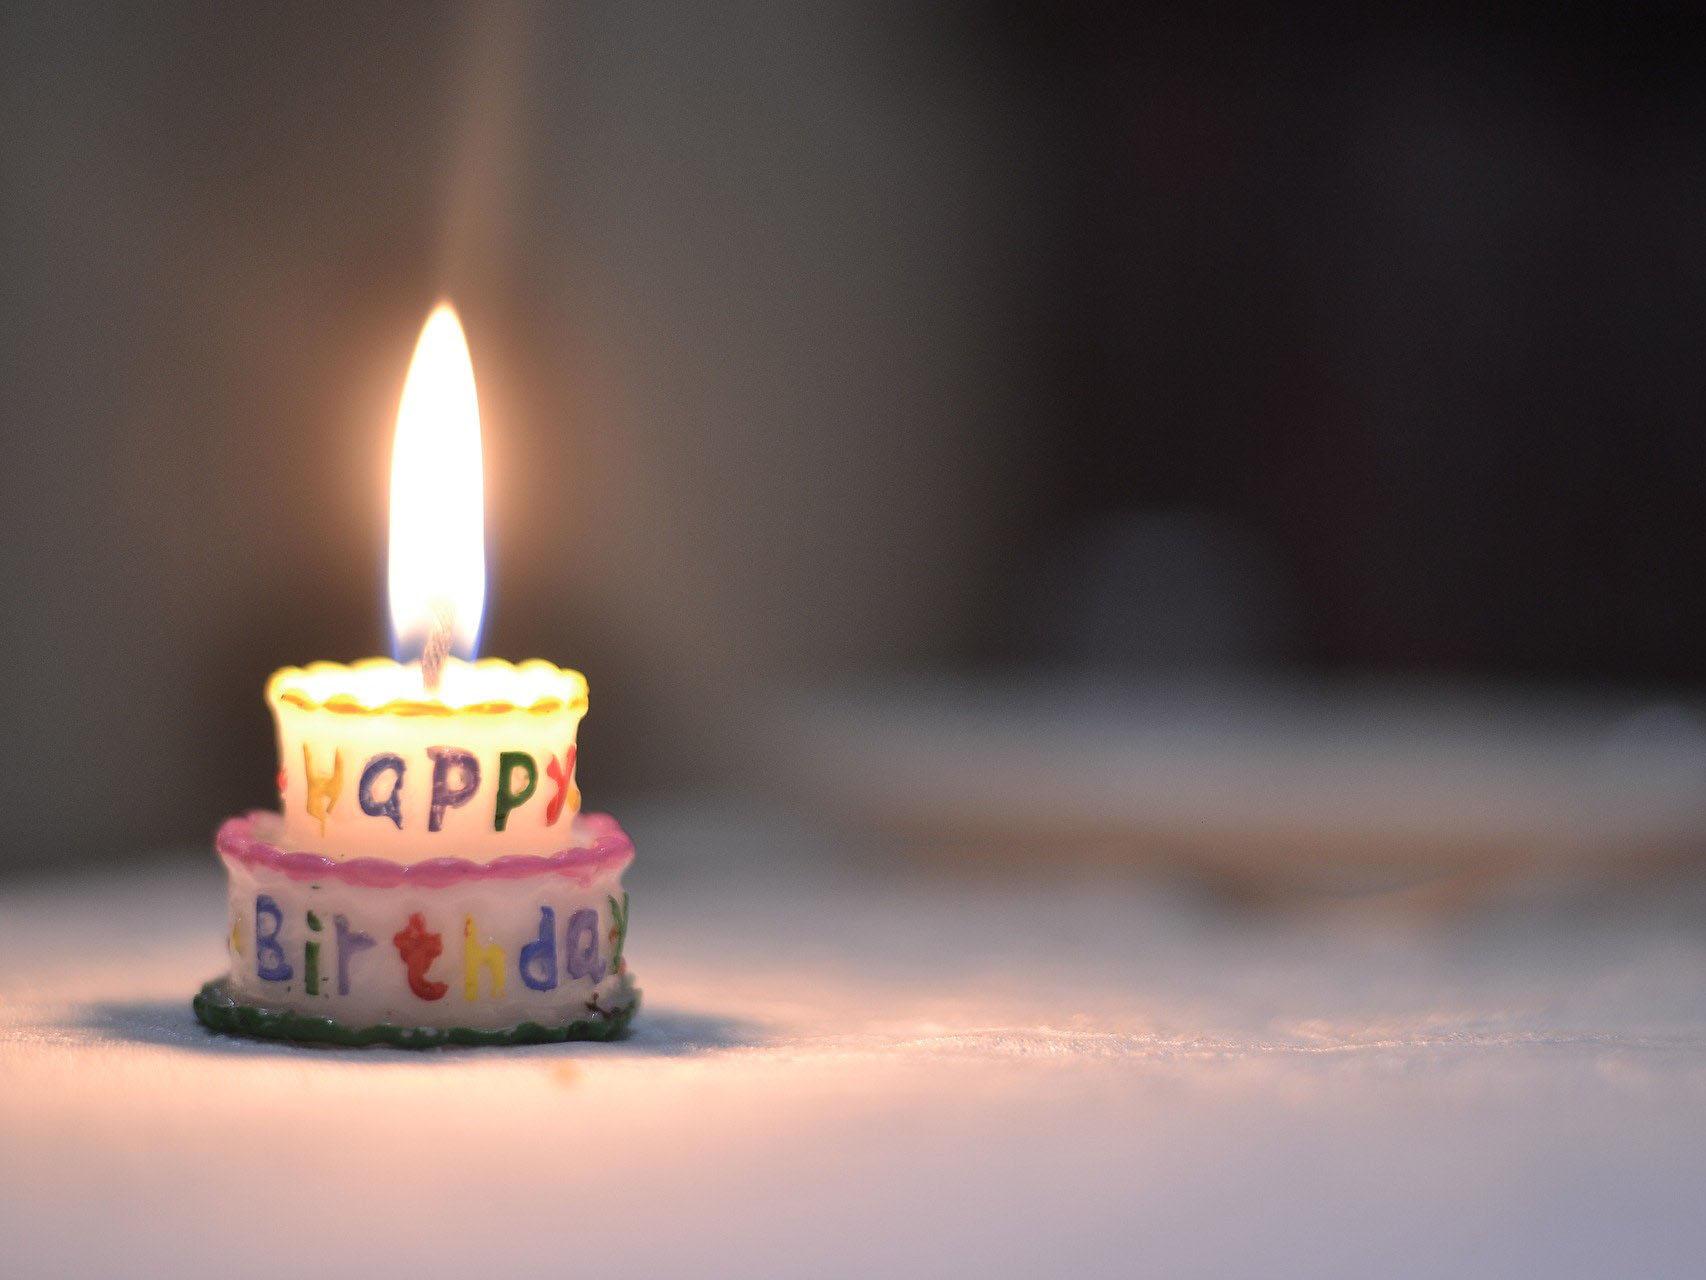 Kerze in Form einer Geburtstagstorte.